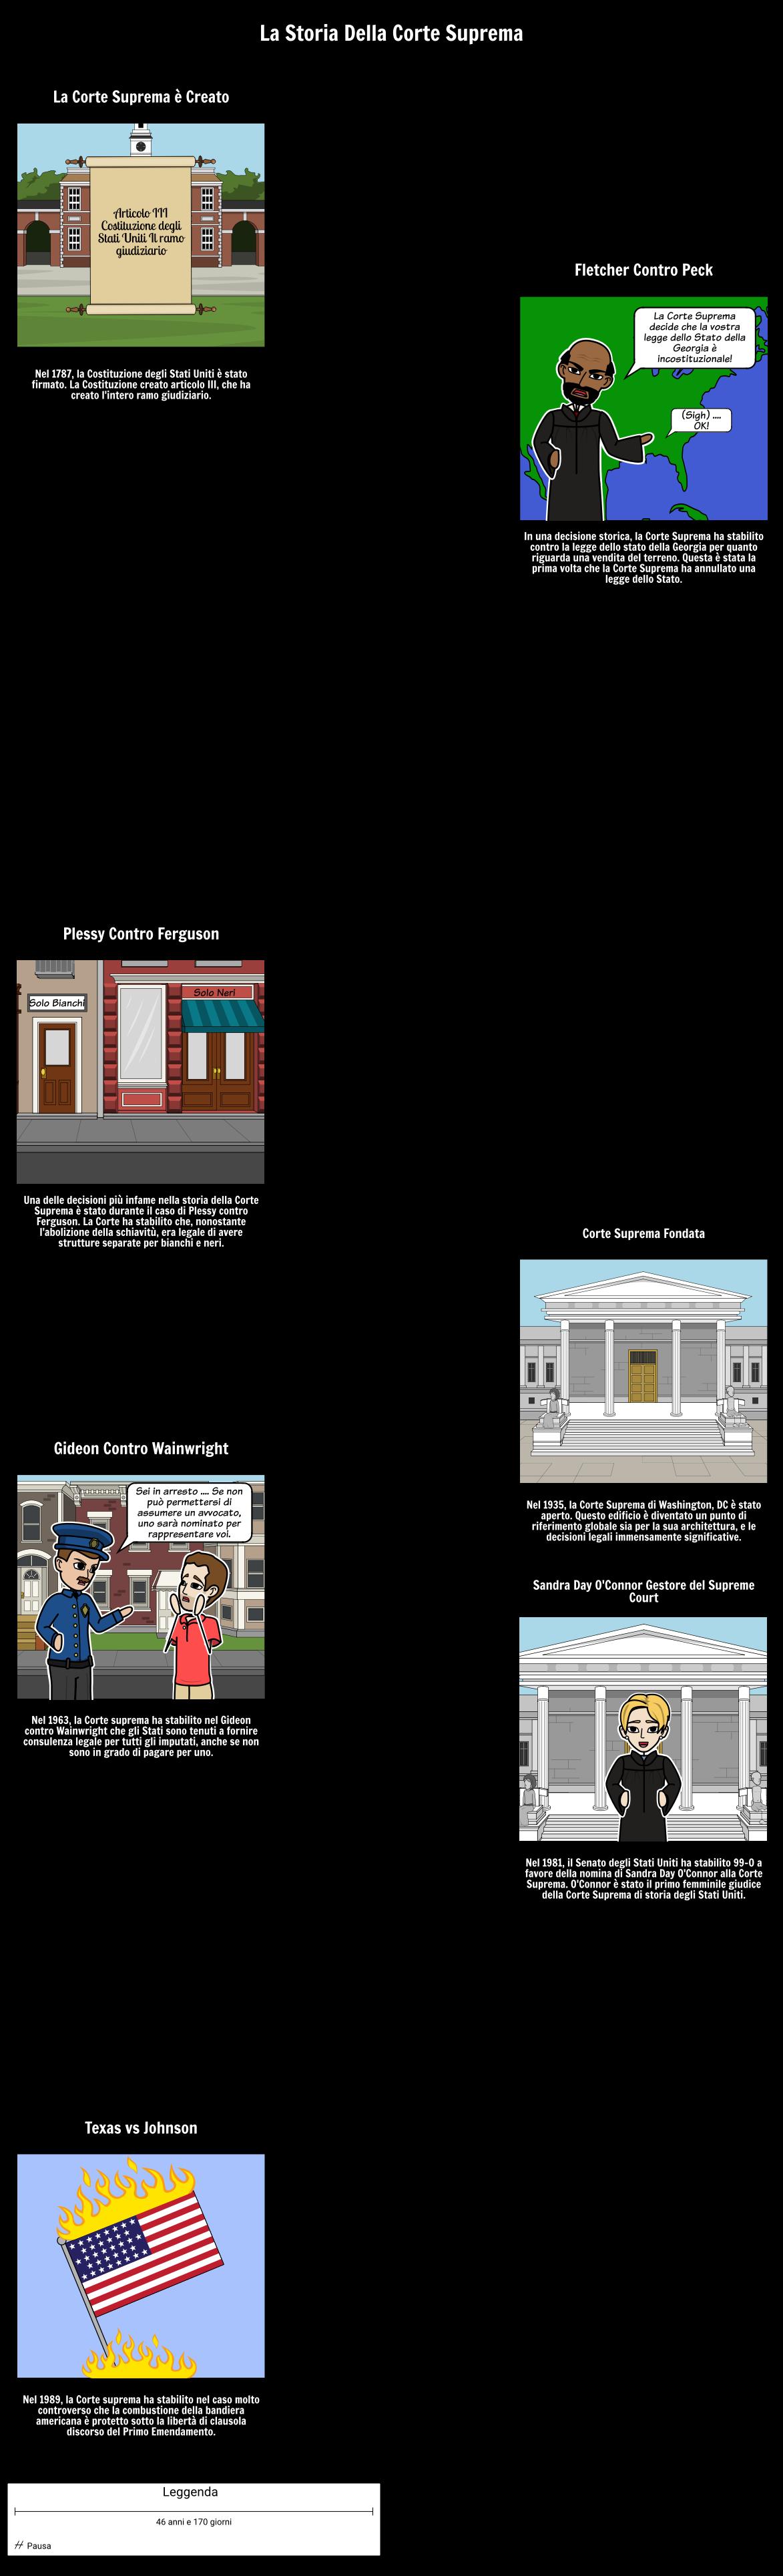 Una Storia Della Corte Suprema Timeline